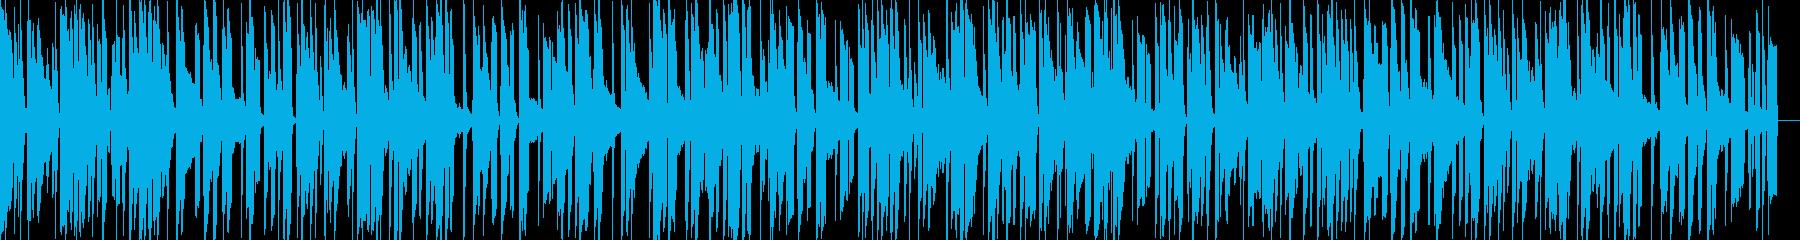 お洒落なチルアウトジャズ 落ち着くピアノの再生済みの波形